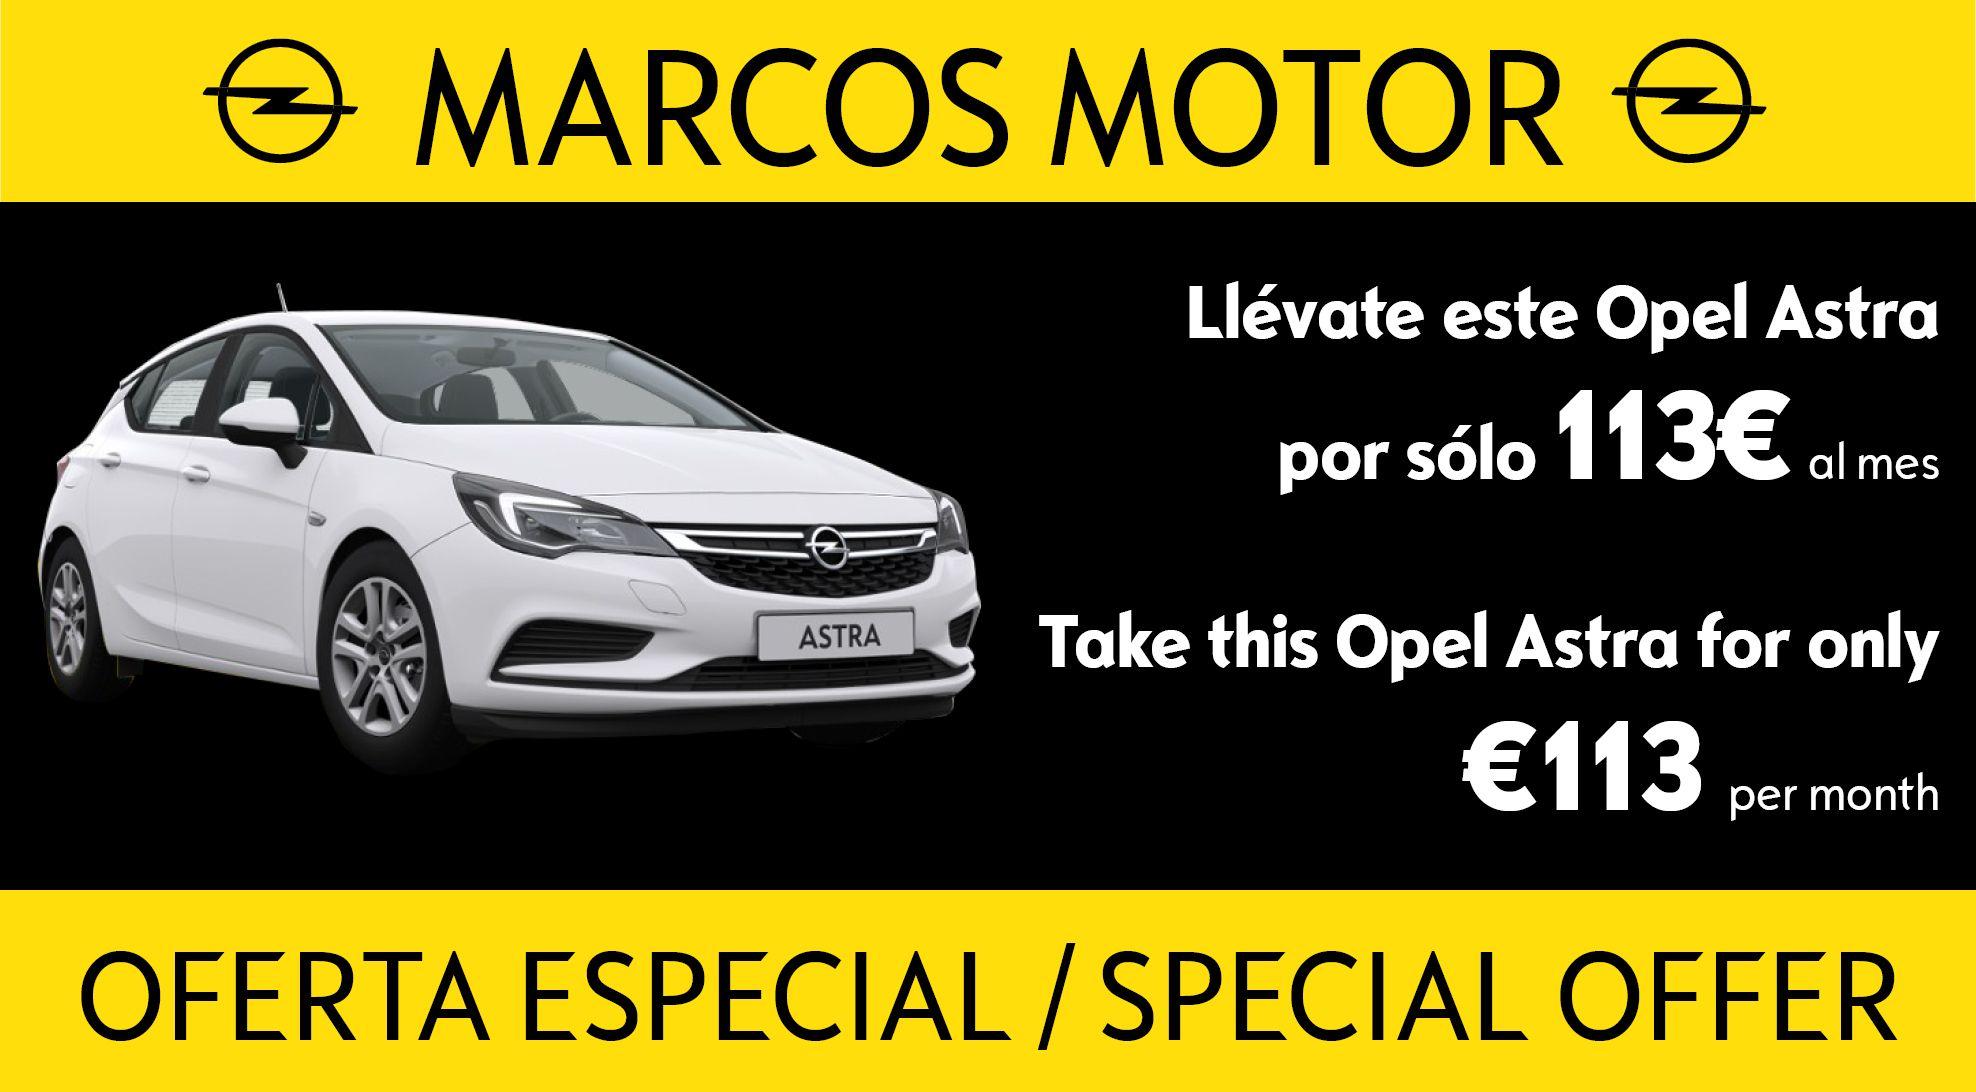 Oferta Opel Astra 113€ al mes